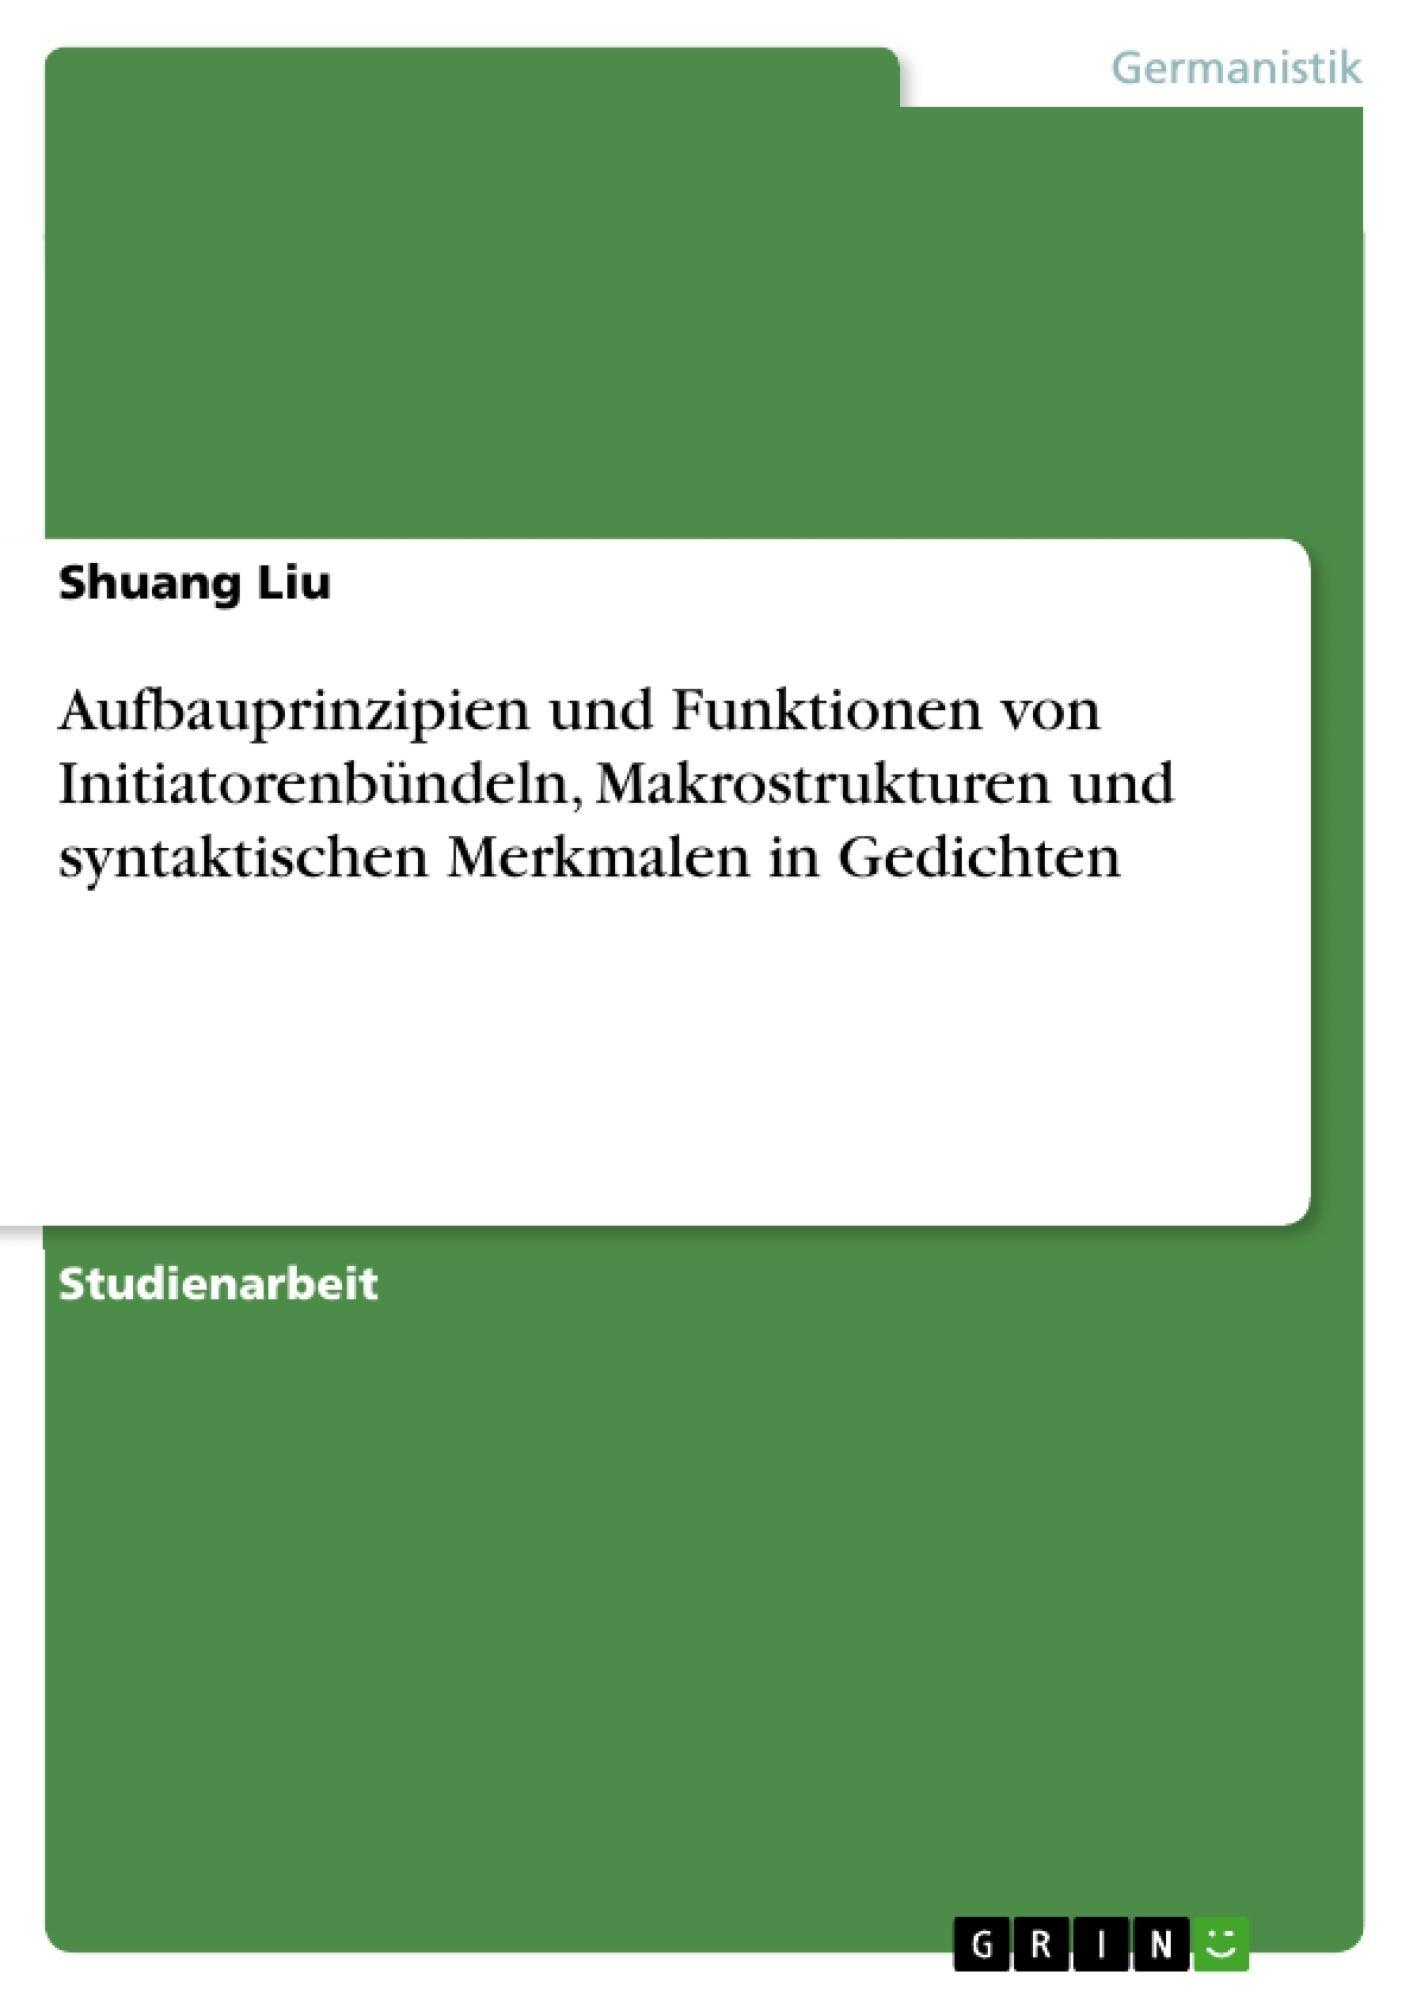 Titel: Aufbauprinzipien und Funktionen von Initiatorenbündeln, Makrostrukturen und syntaktischen Merkmalen in Gedichten